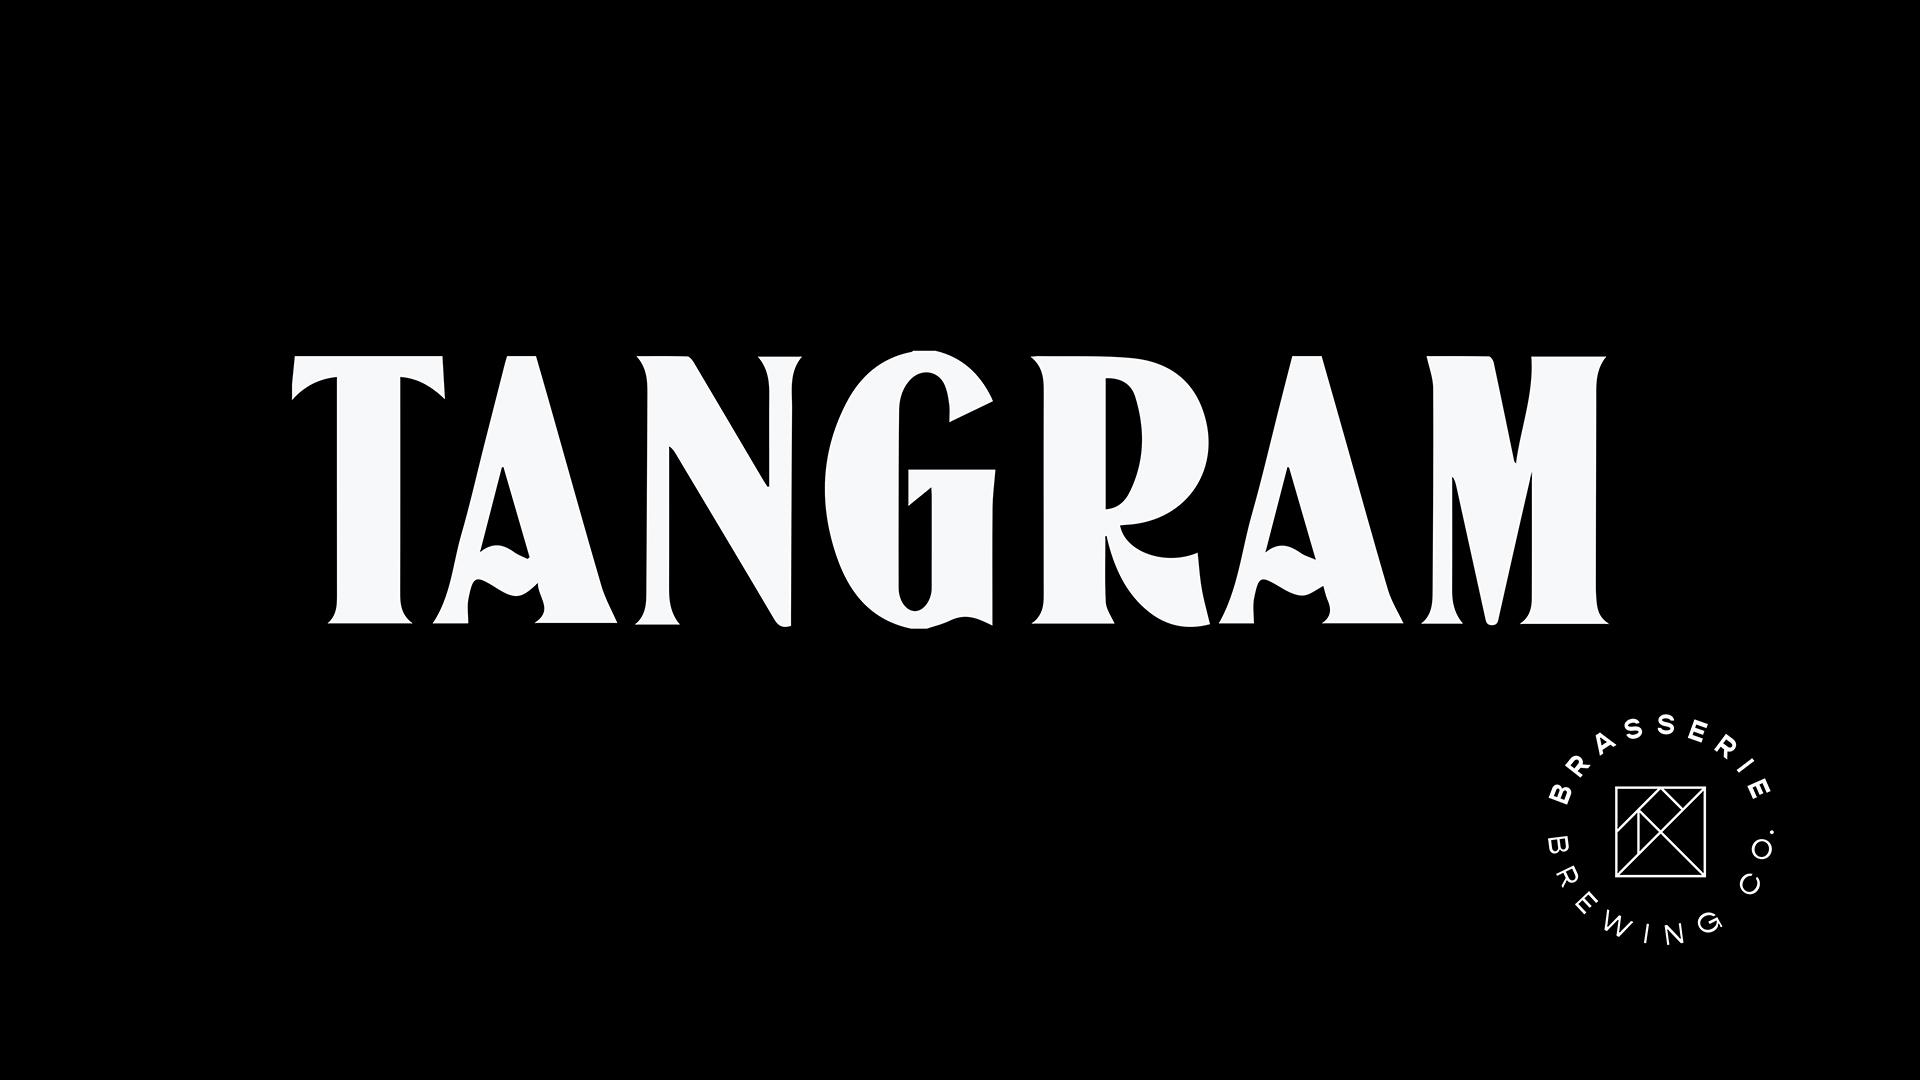 tangram 8